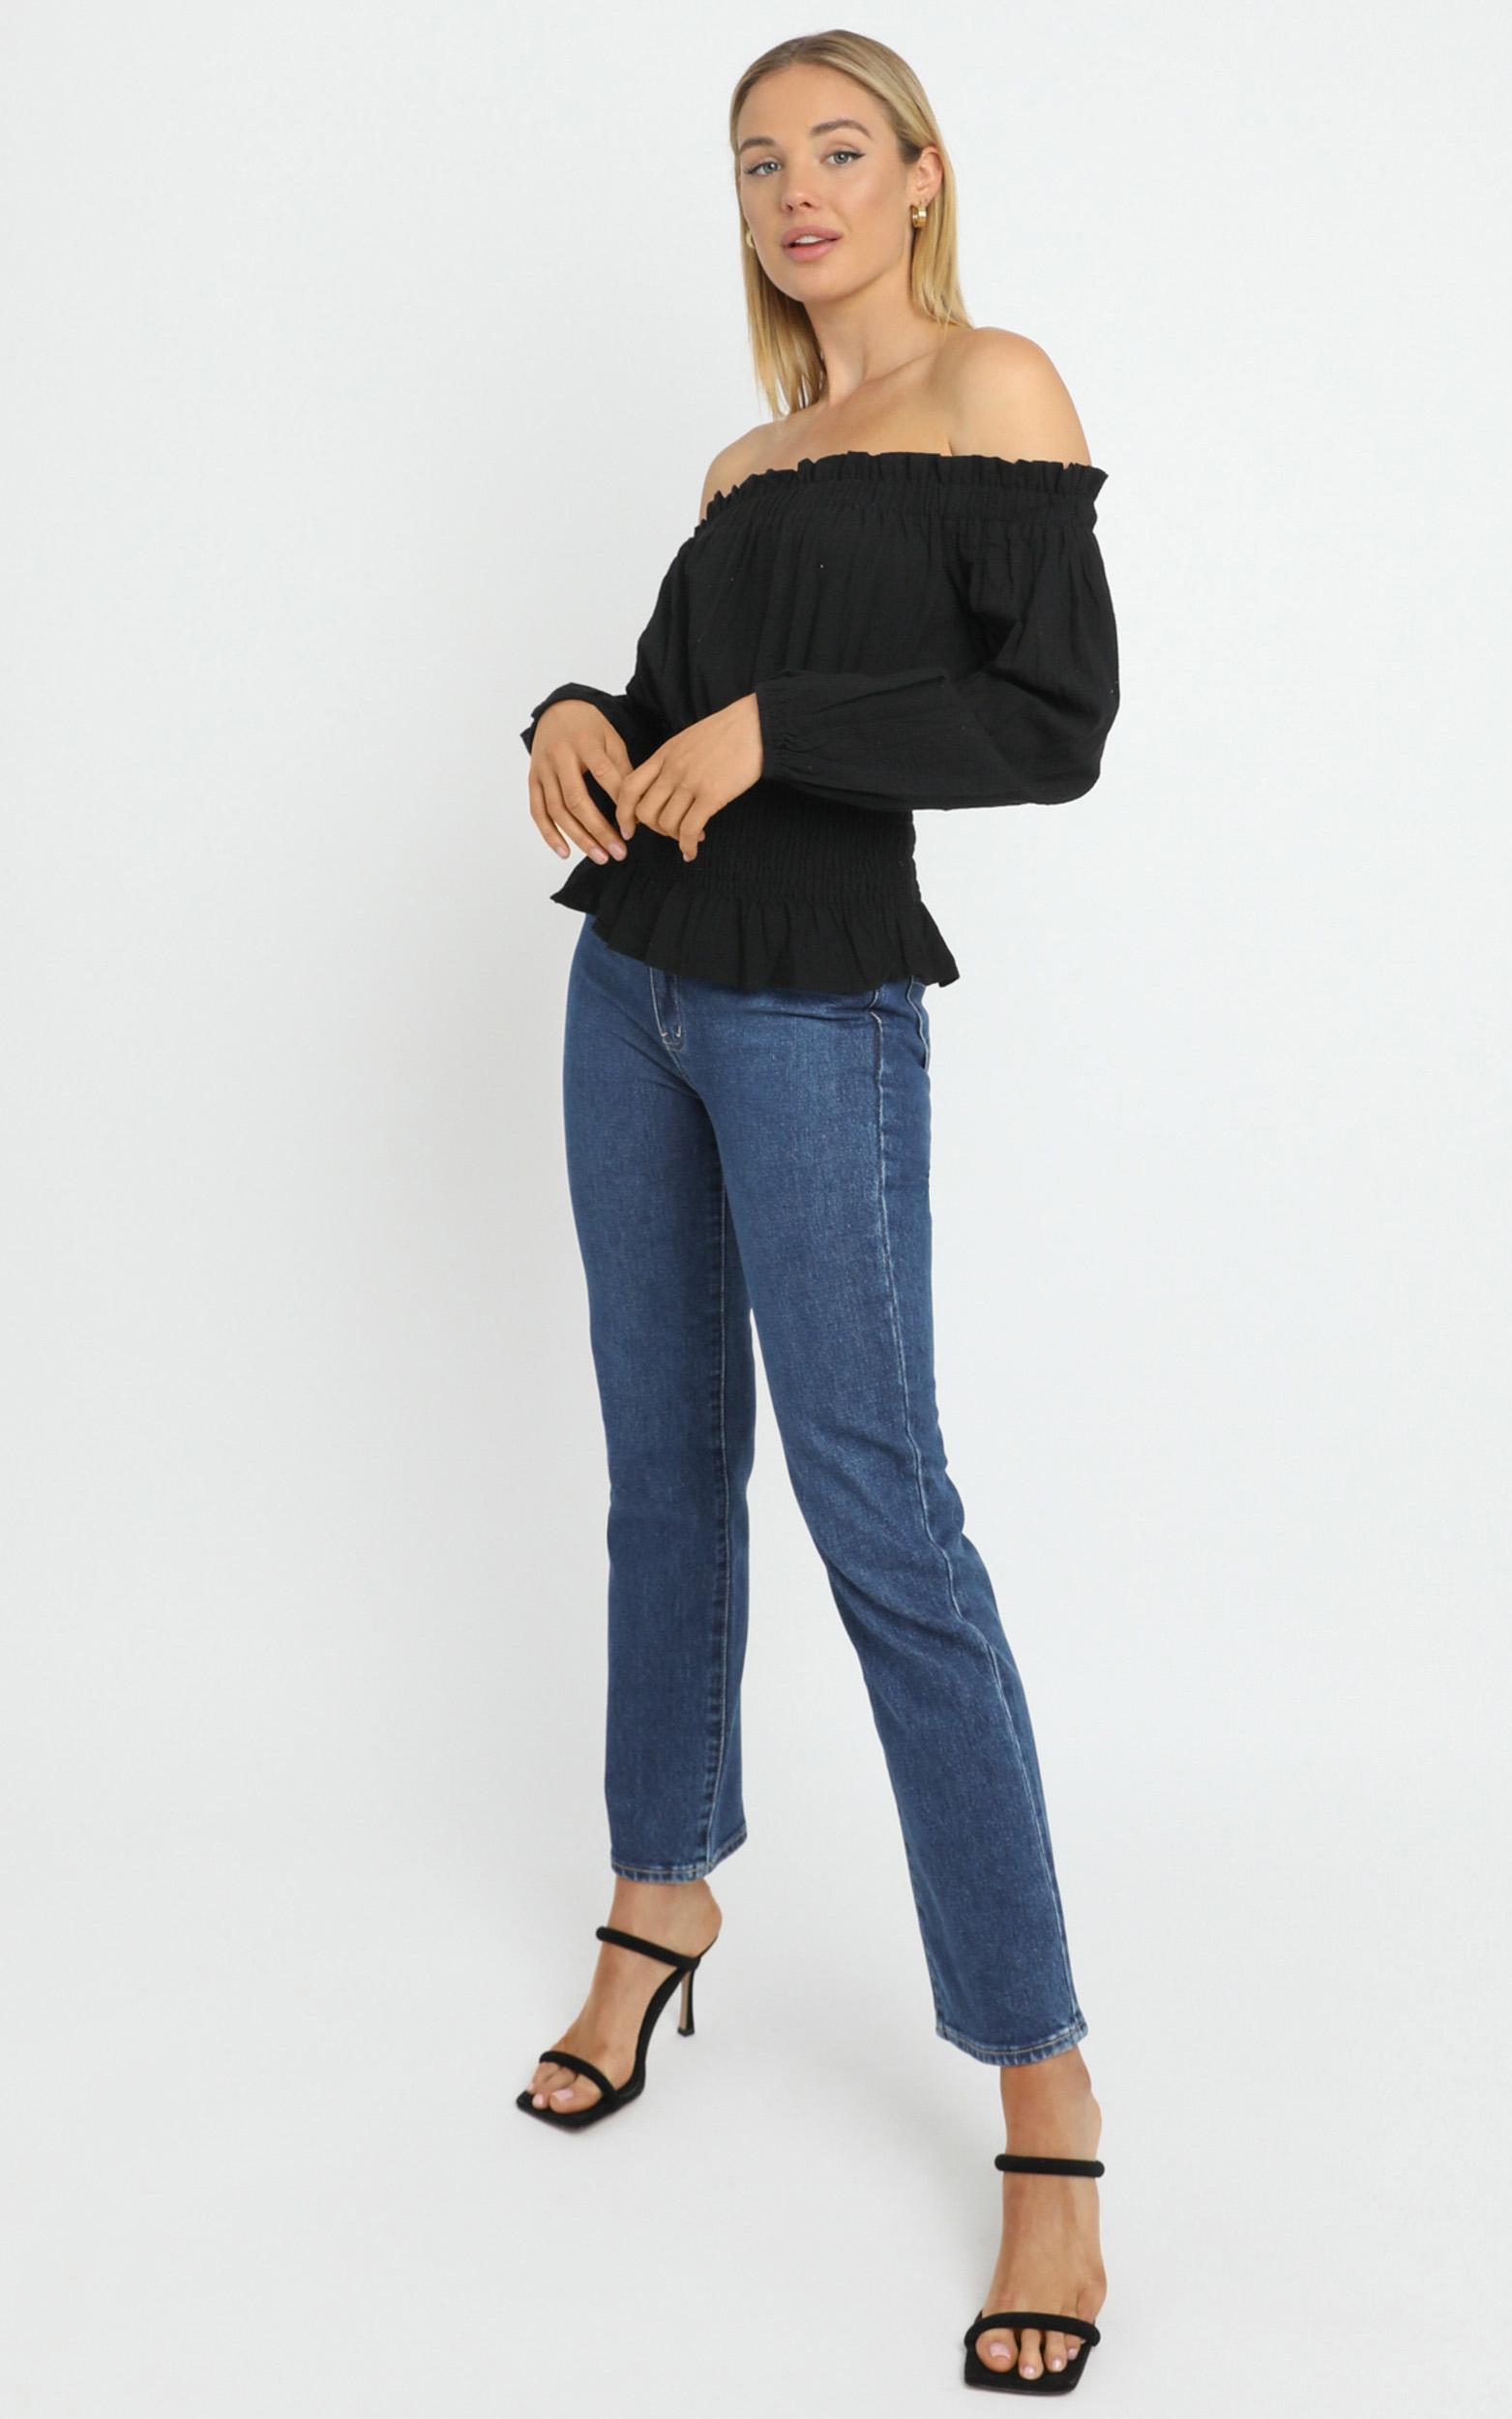 Marnie Top in Black - XL, Black, hi-res image number null